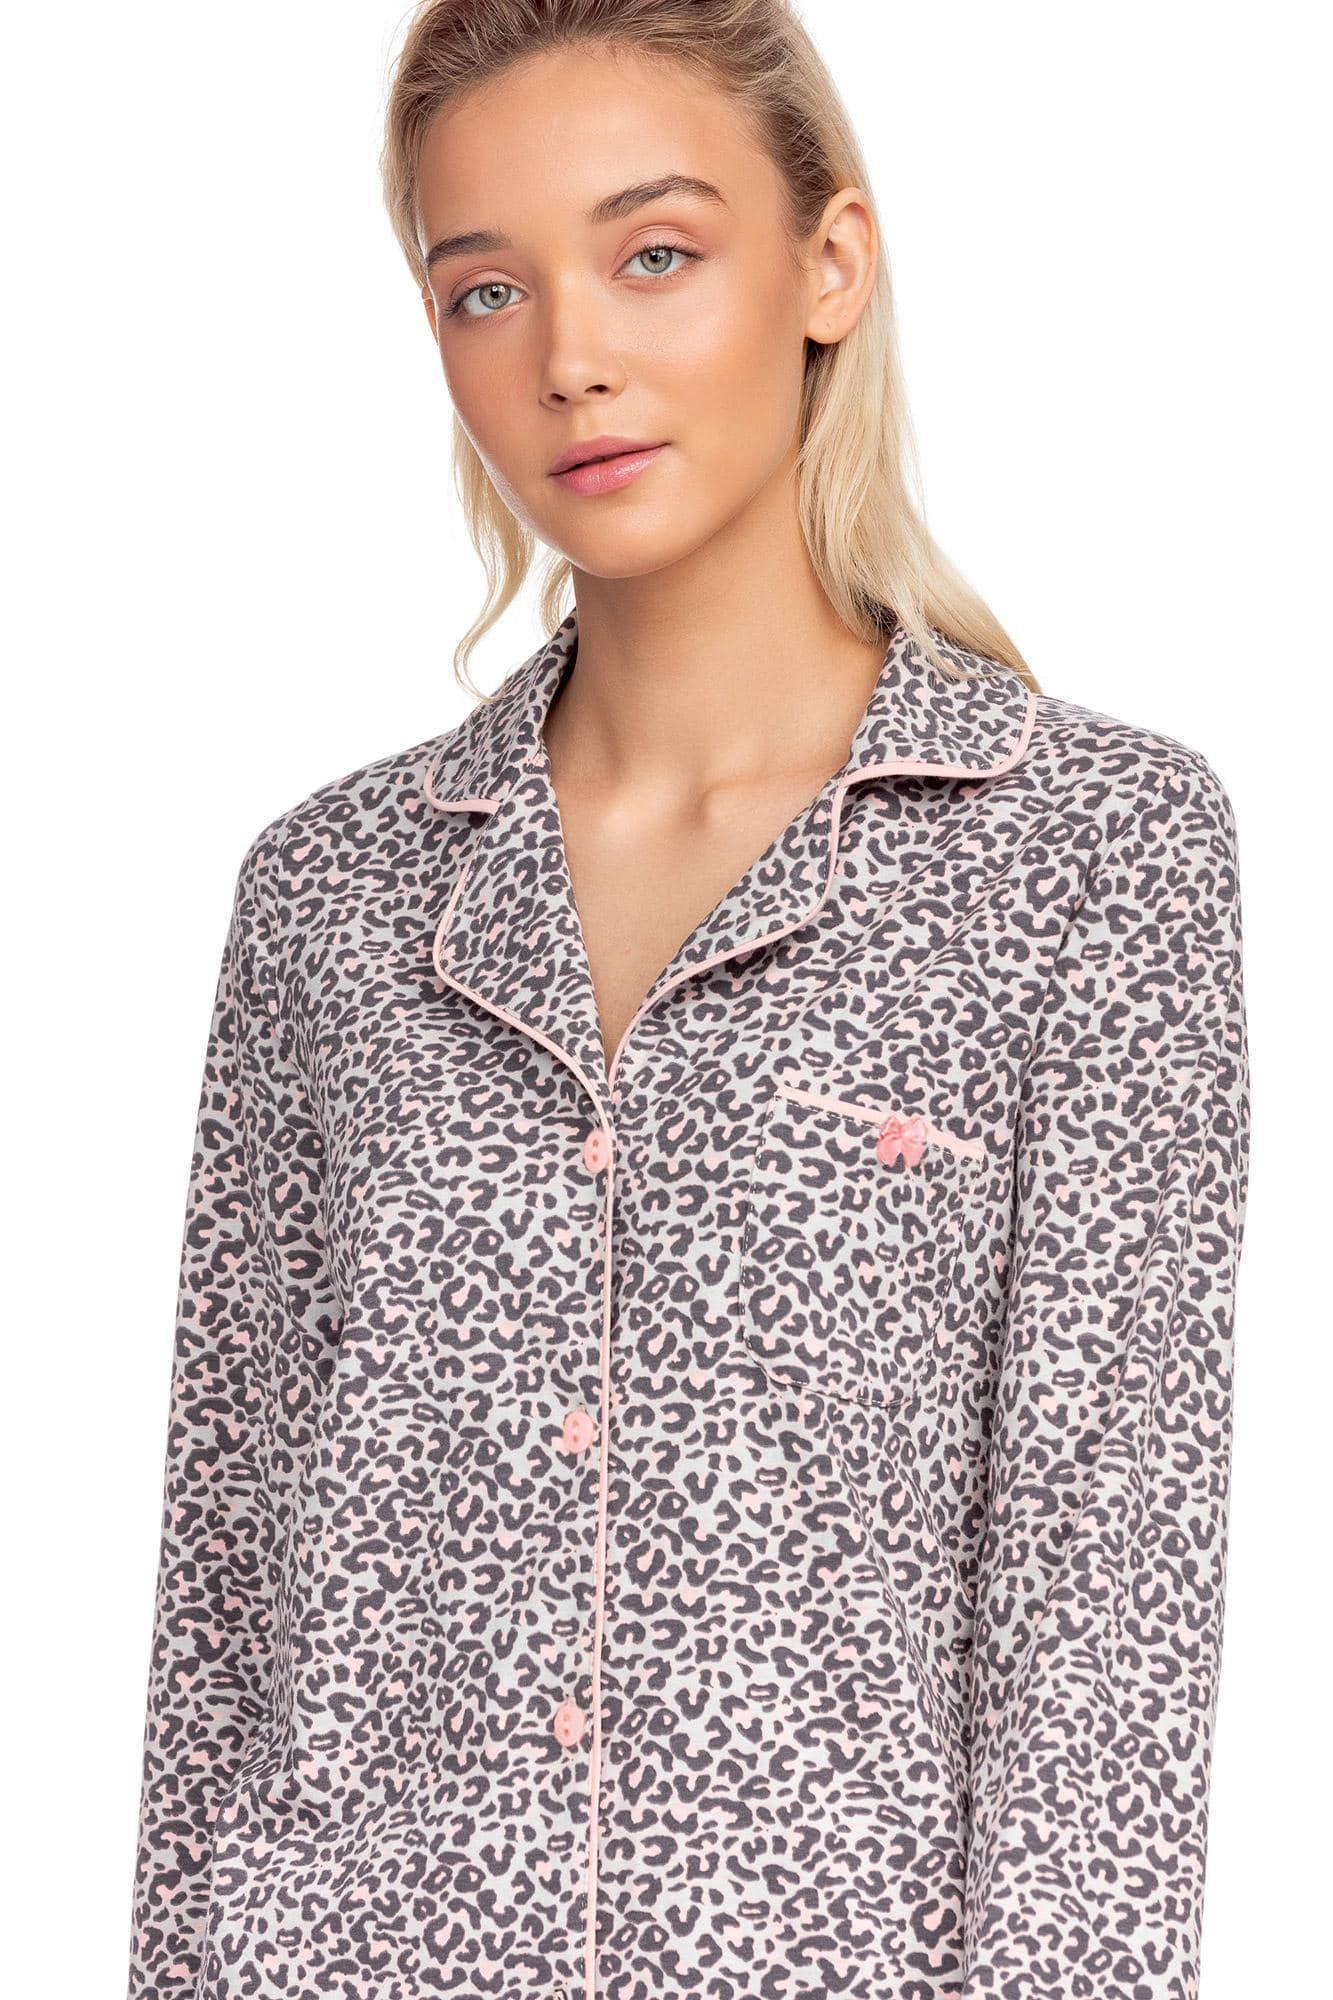 Γυναικείο νυχτικό τύπου μακρύ πουκάμισο